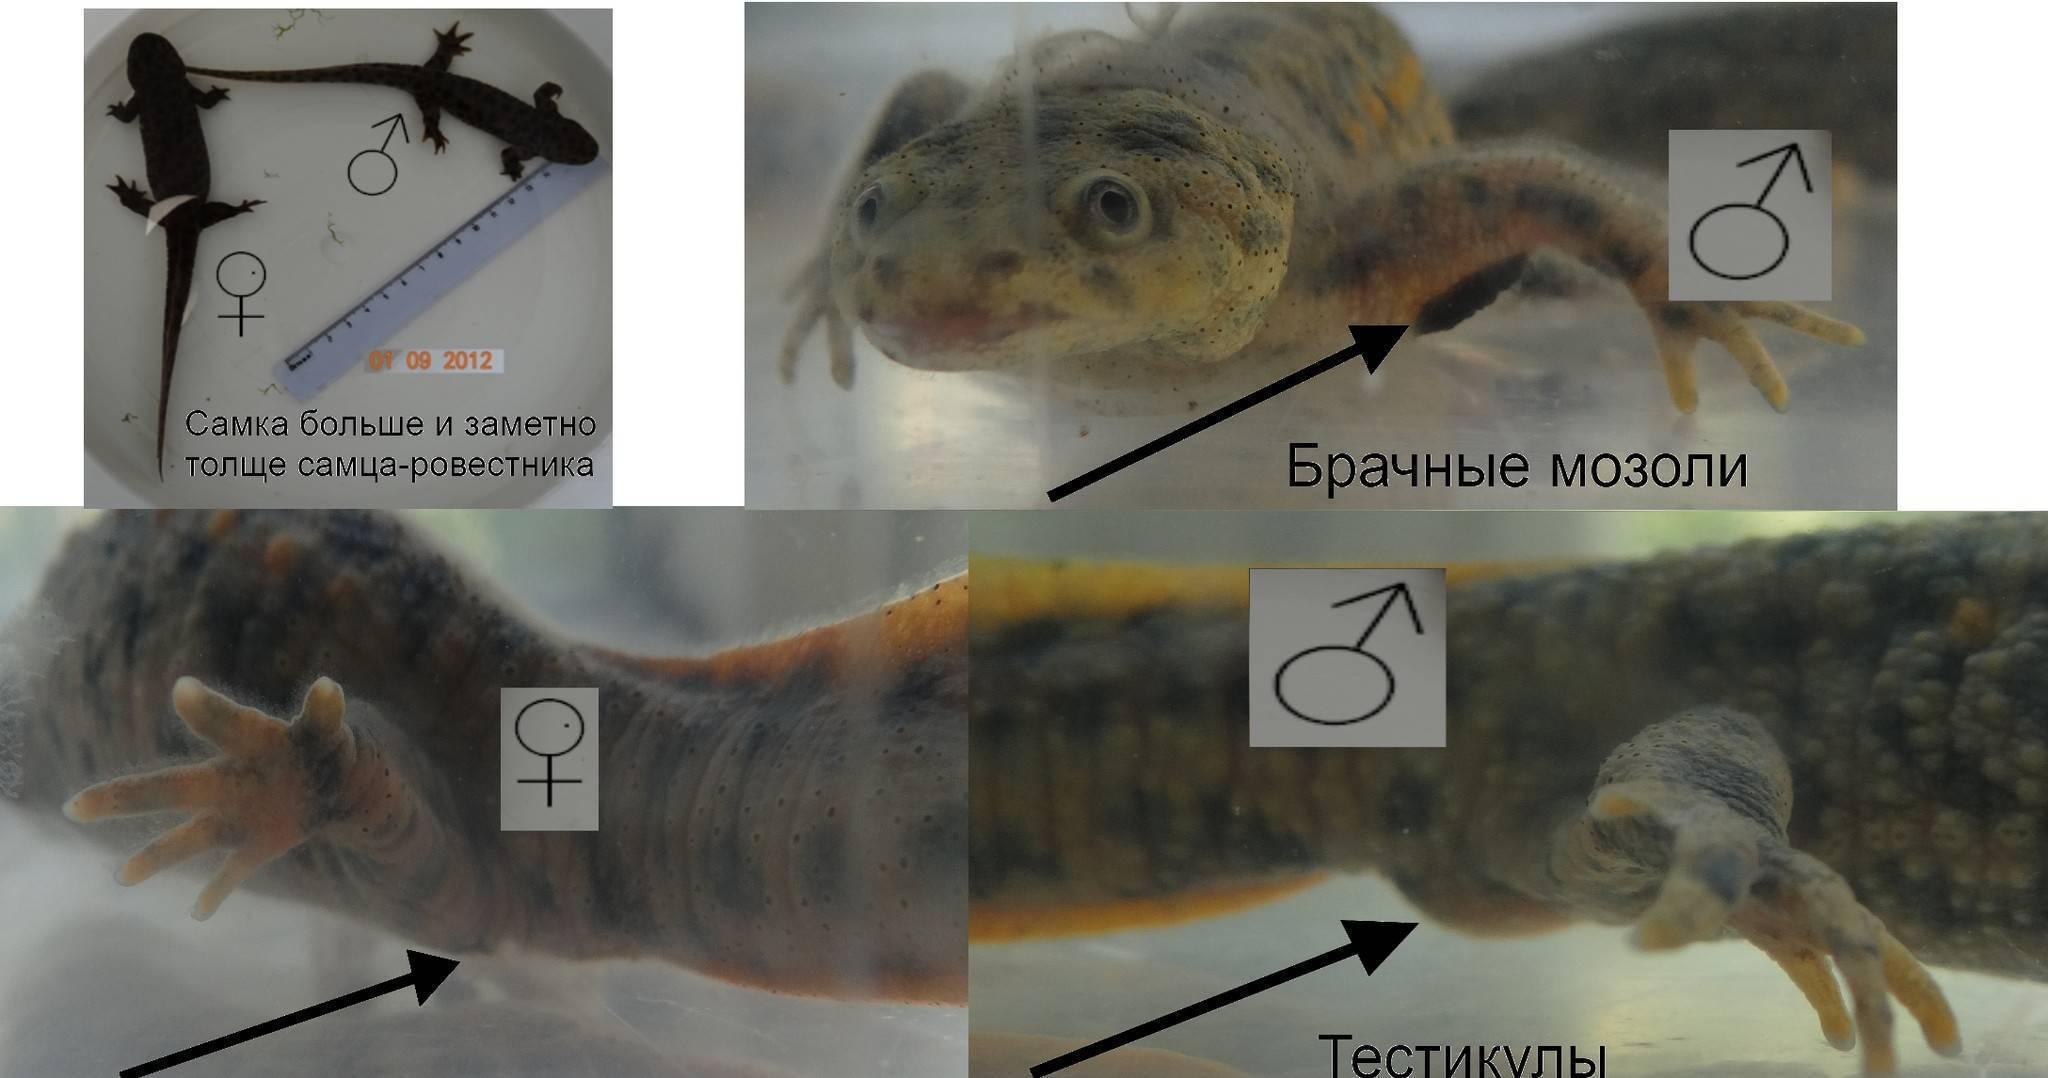 Гуппи размножение: как происходит, как рожают, как часто, особенности, правильный уход в аквариуме